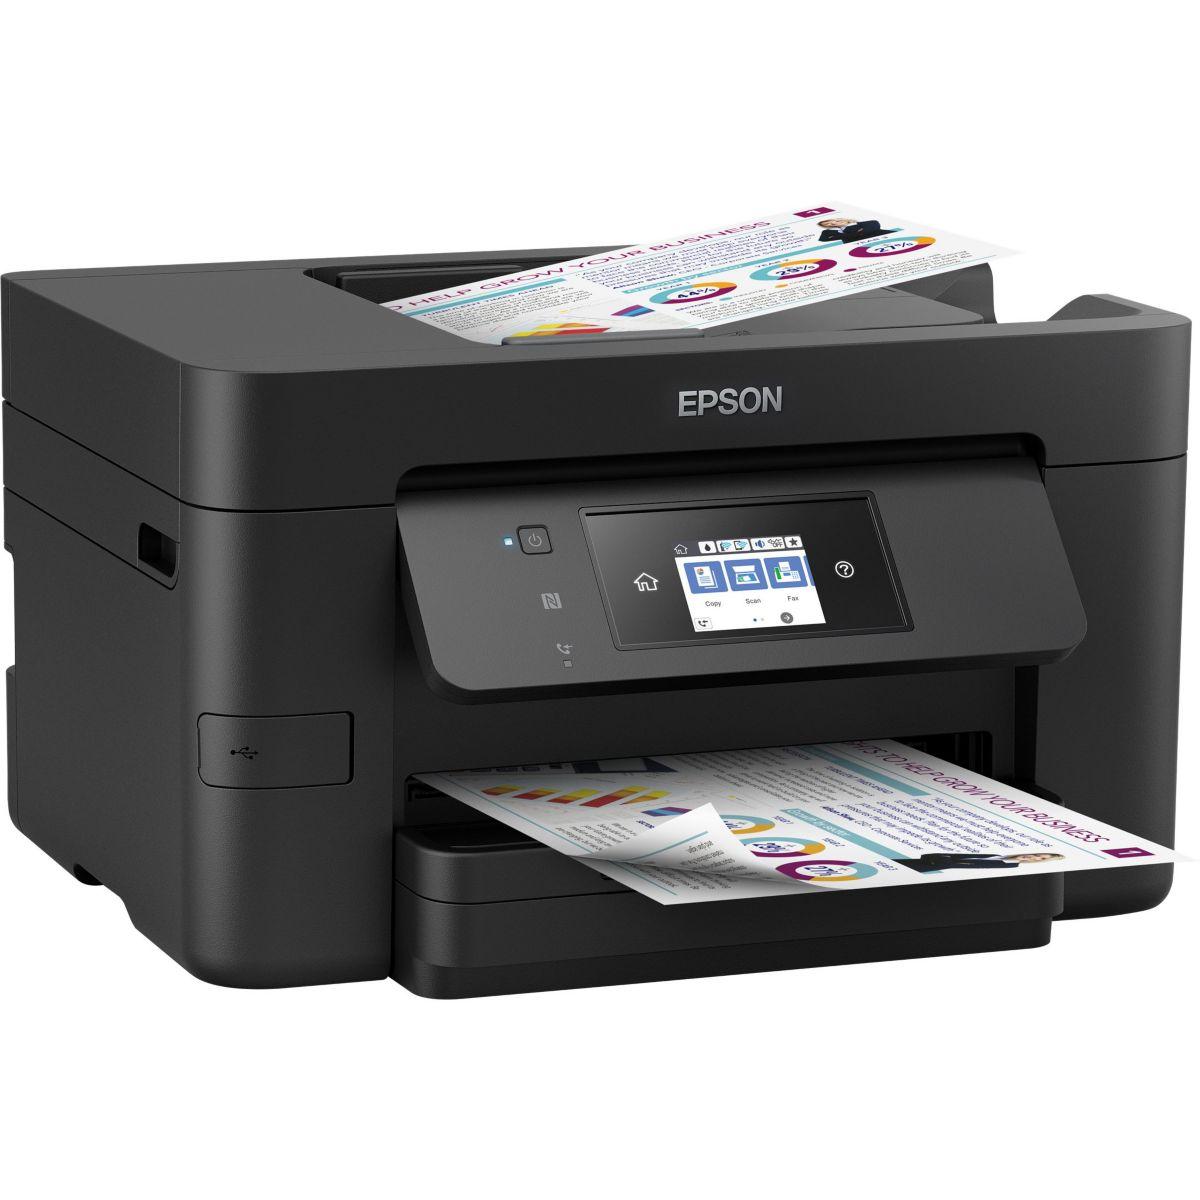 Imprimante jet d'encre EPSON WF-4720DWF Pro